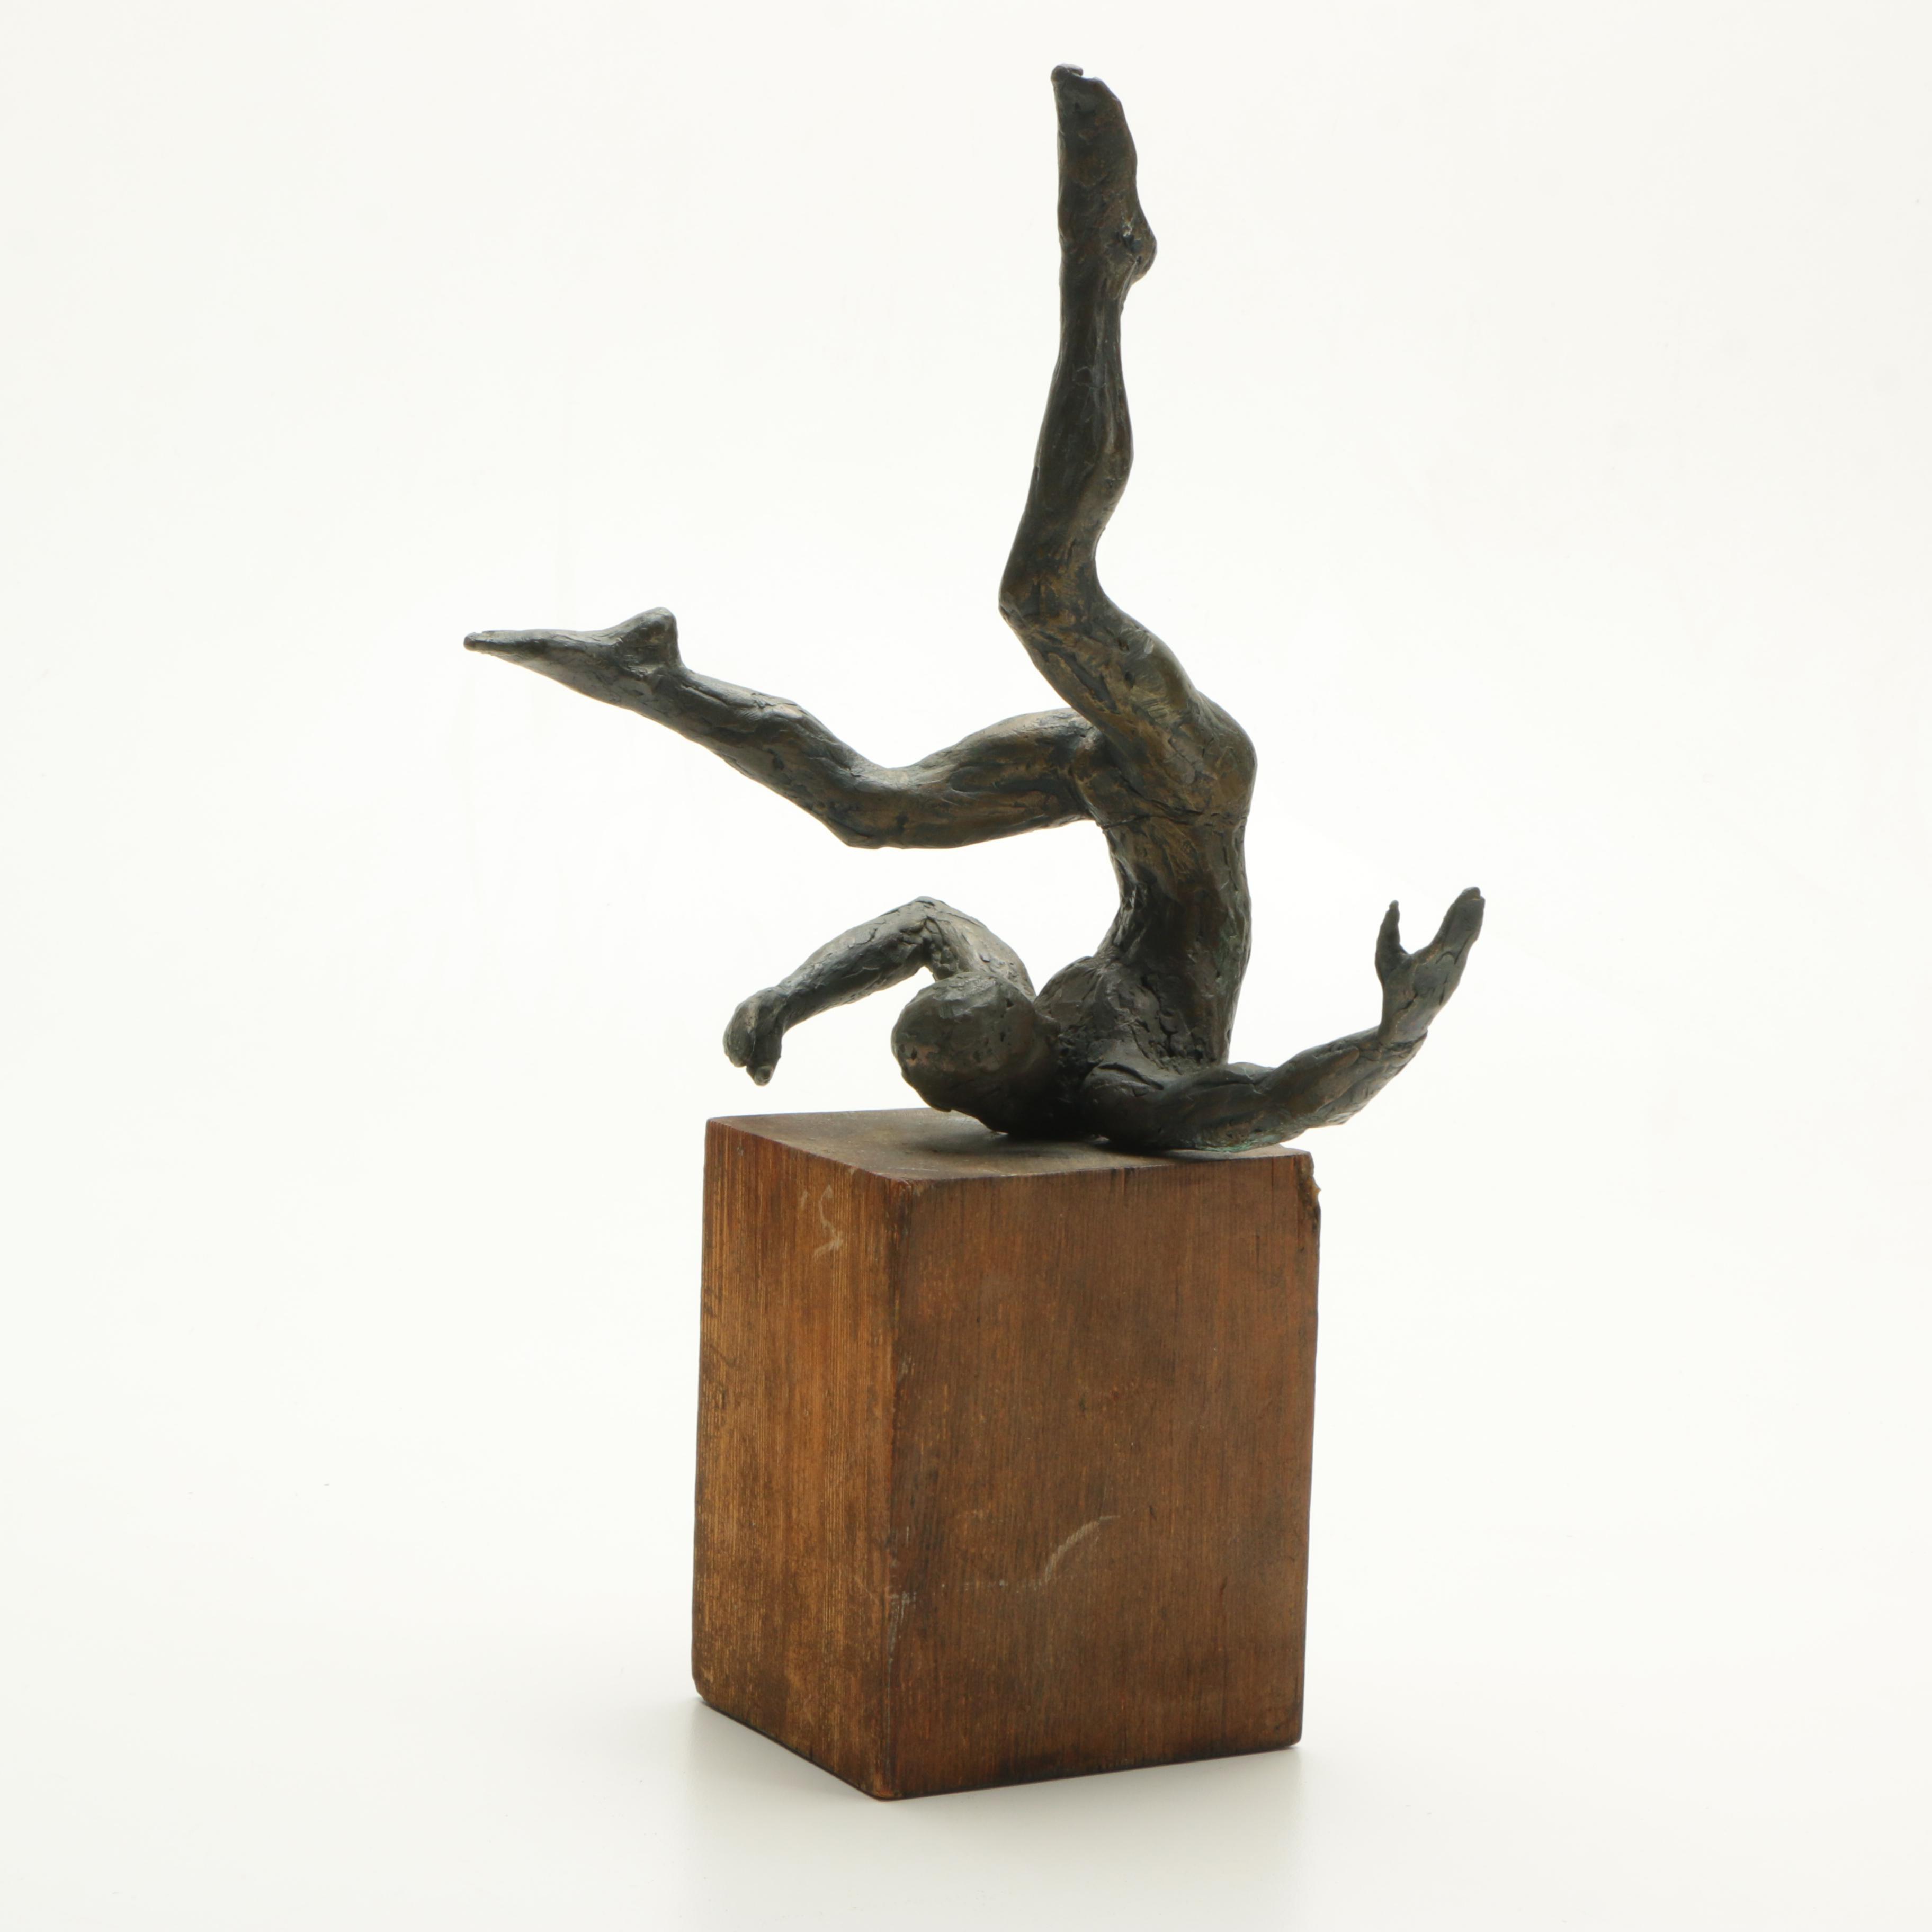 Brass Sculpture of a Falling Man